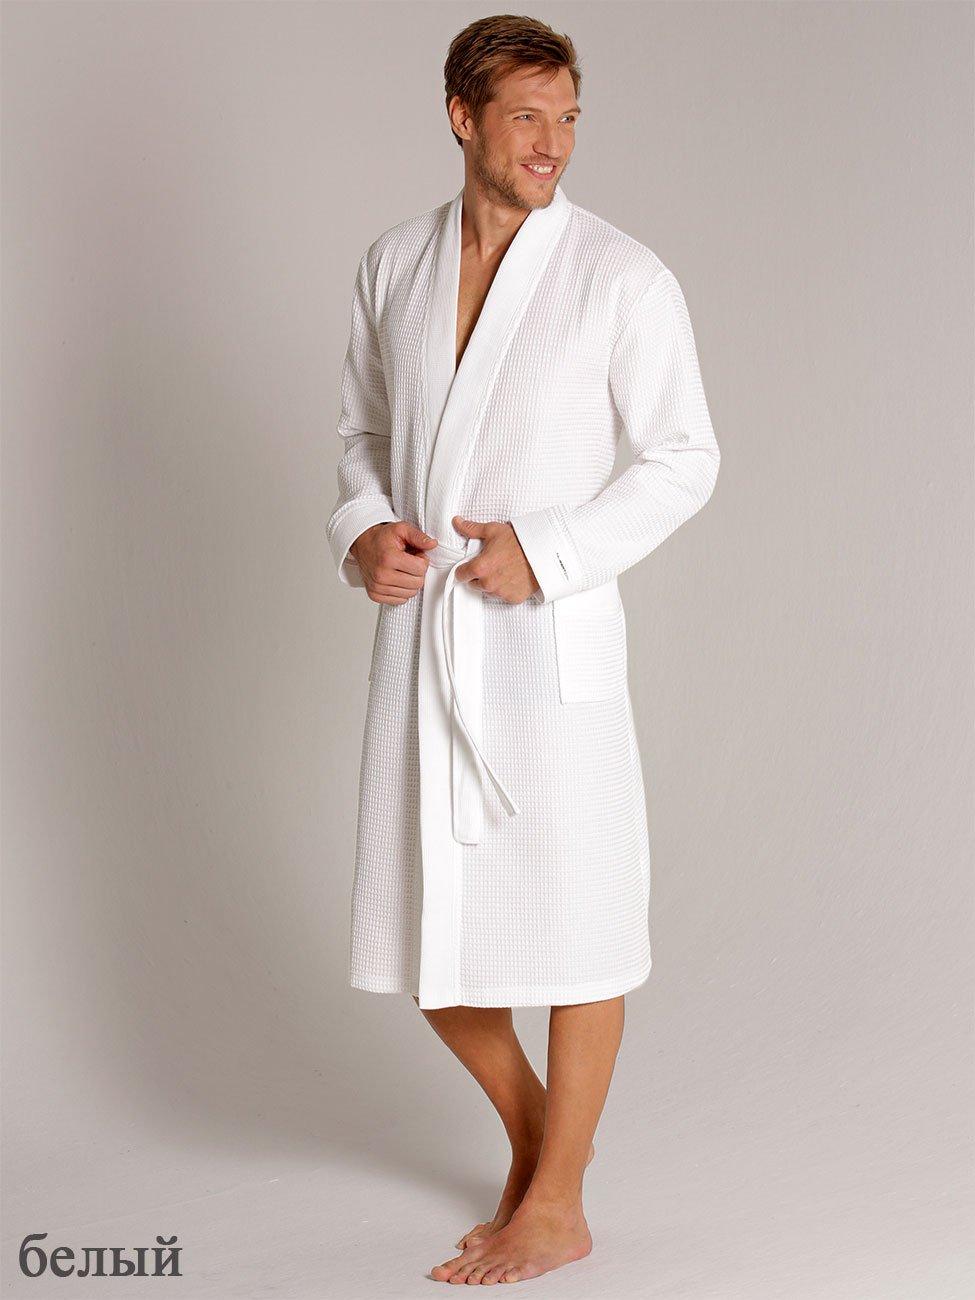 Мужской халат длинный, белый вафельный 000614-613 Taubert